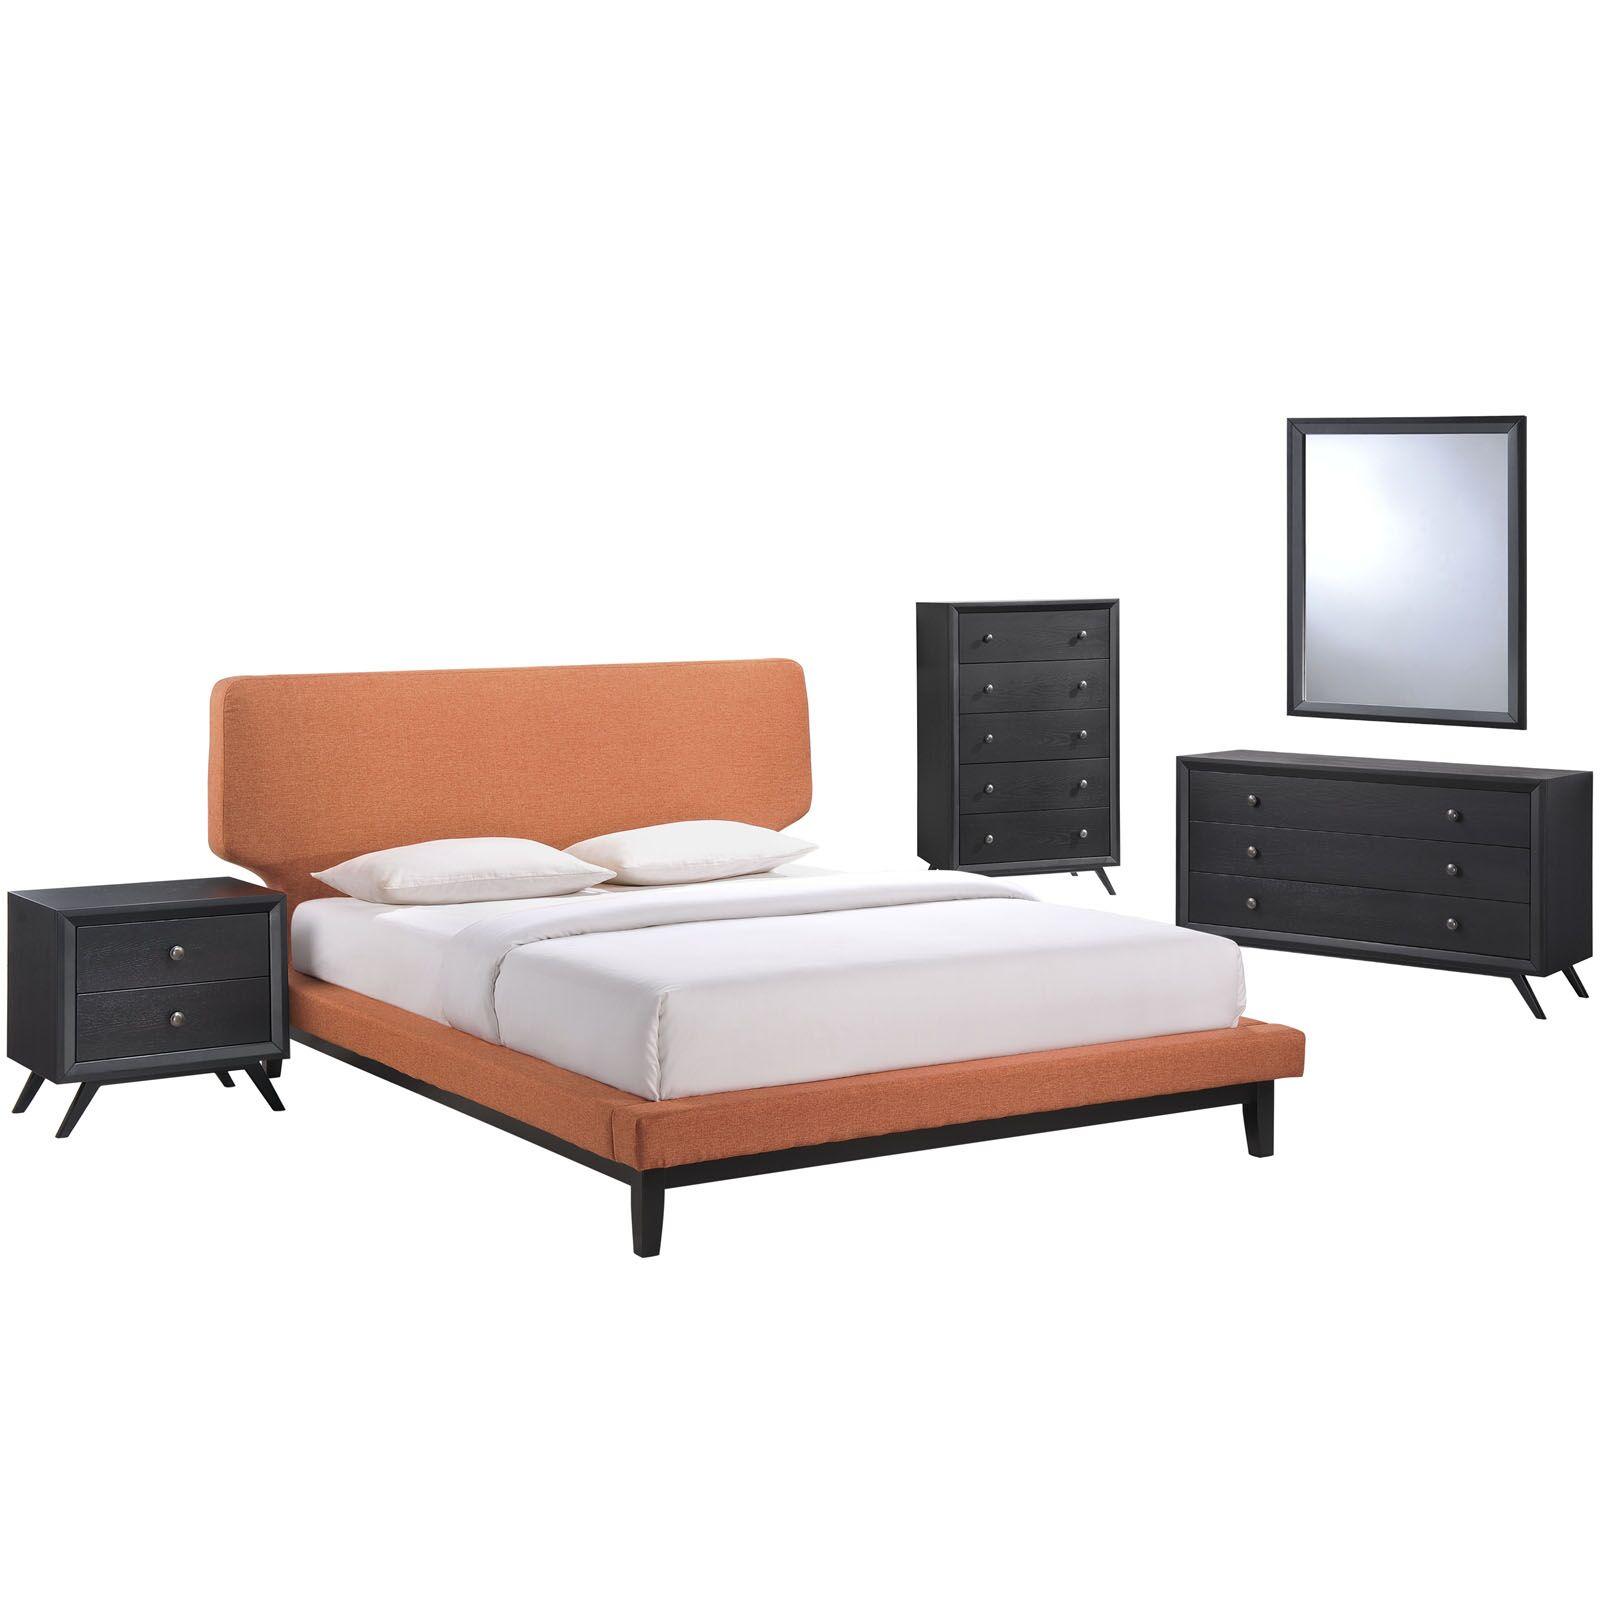 Bethany Queen Platform 5 Piece Bedroom Set